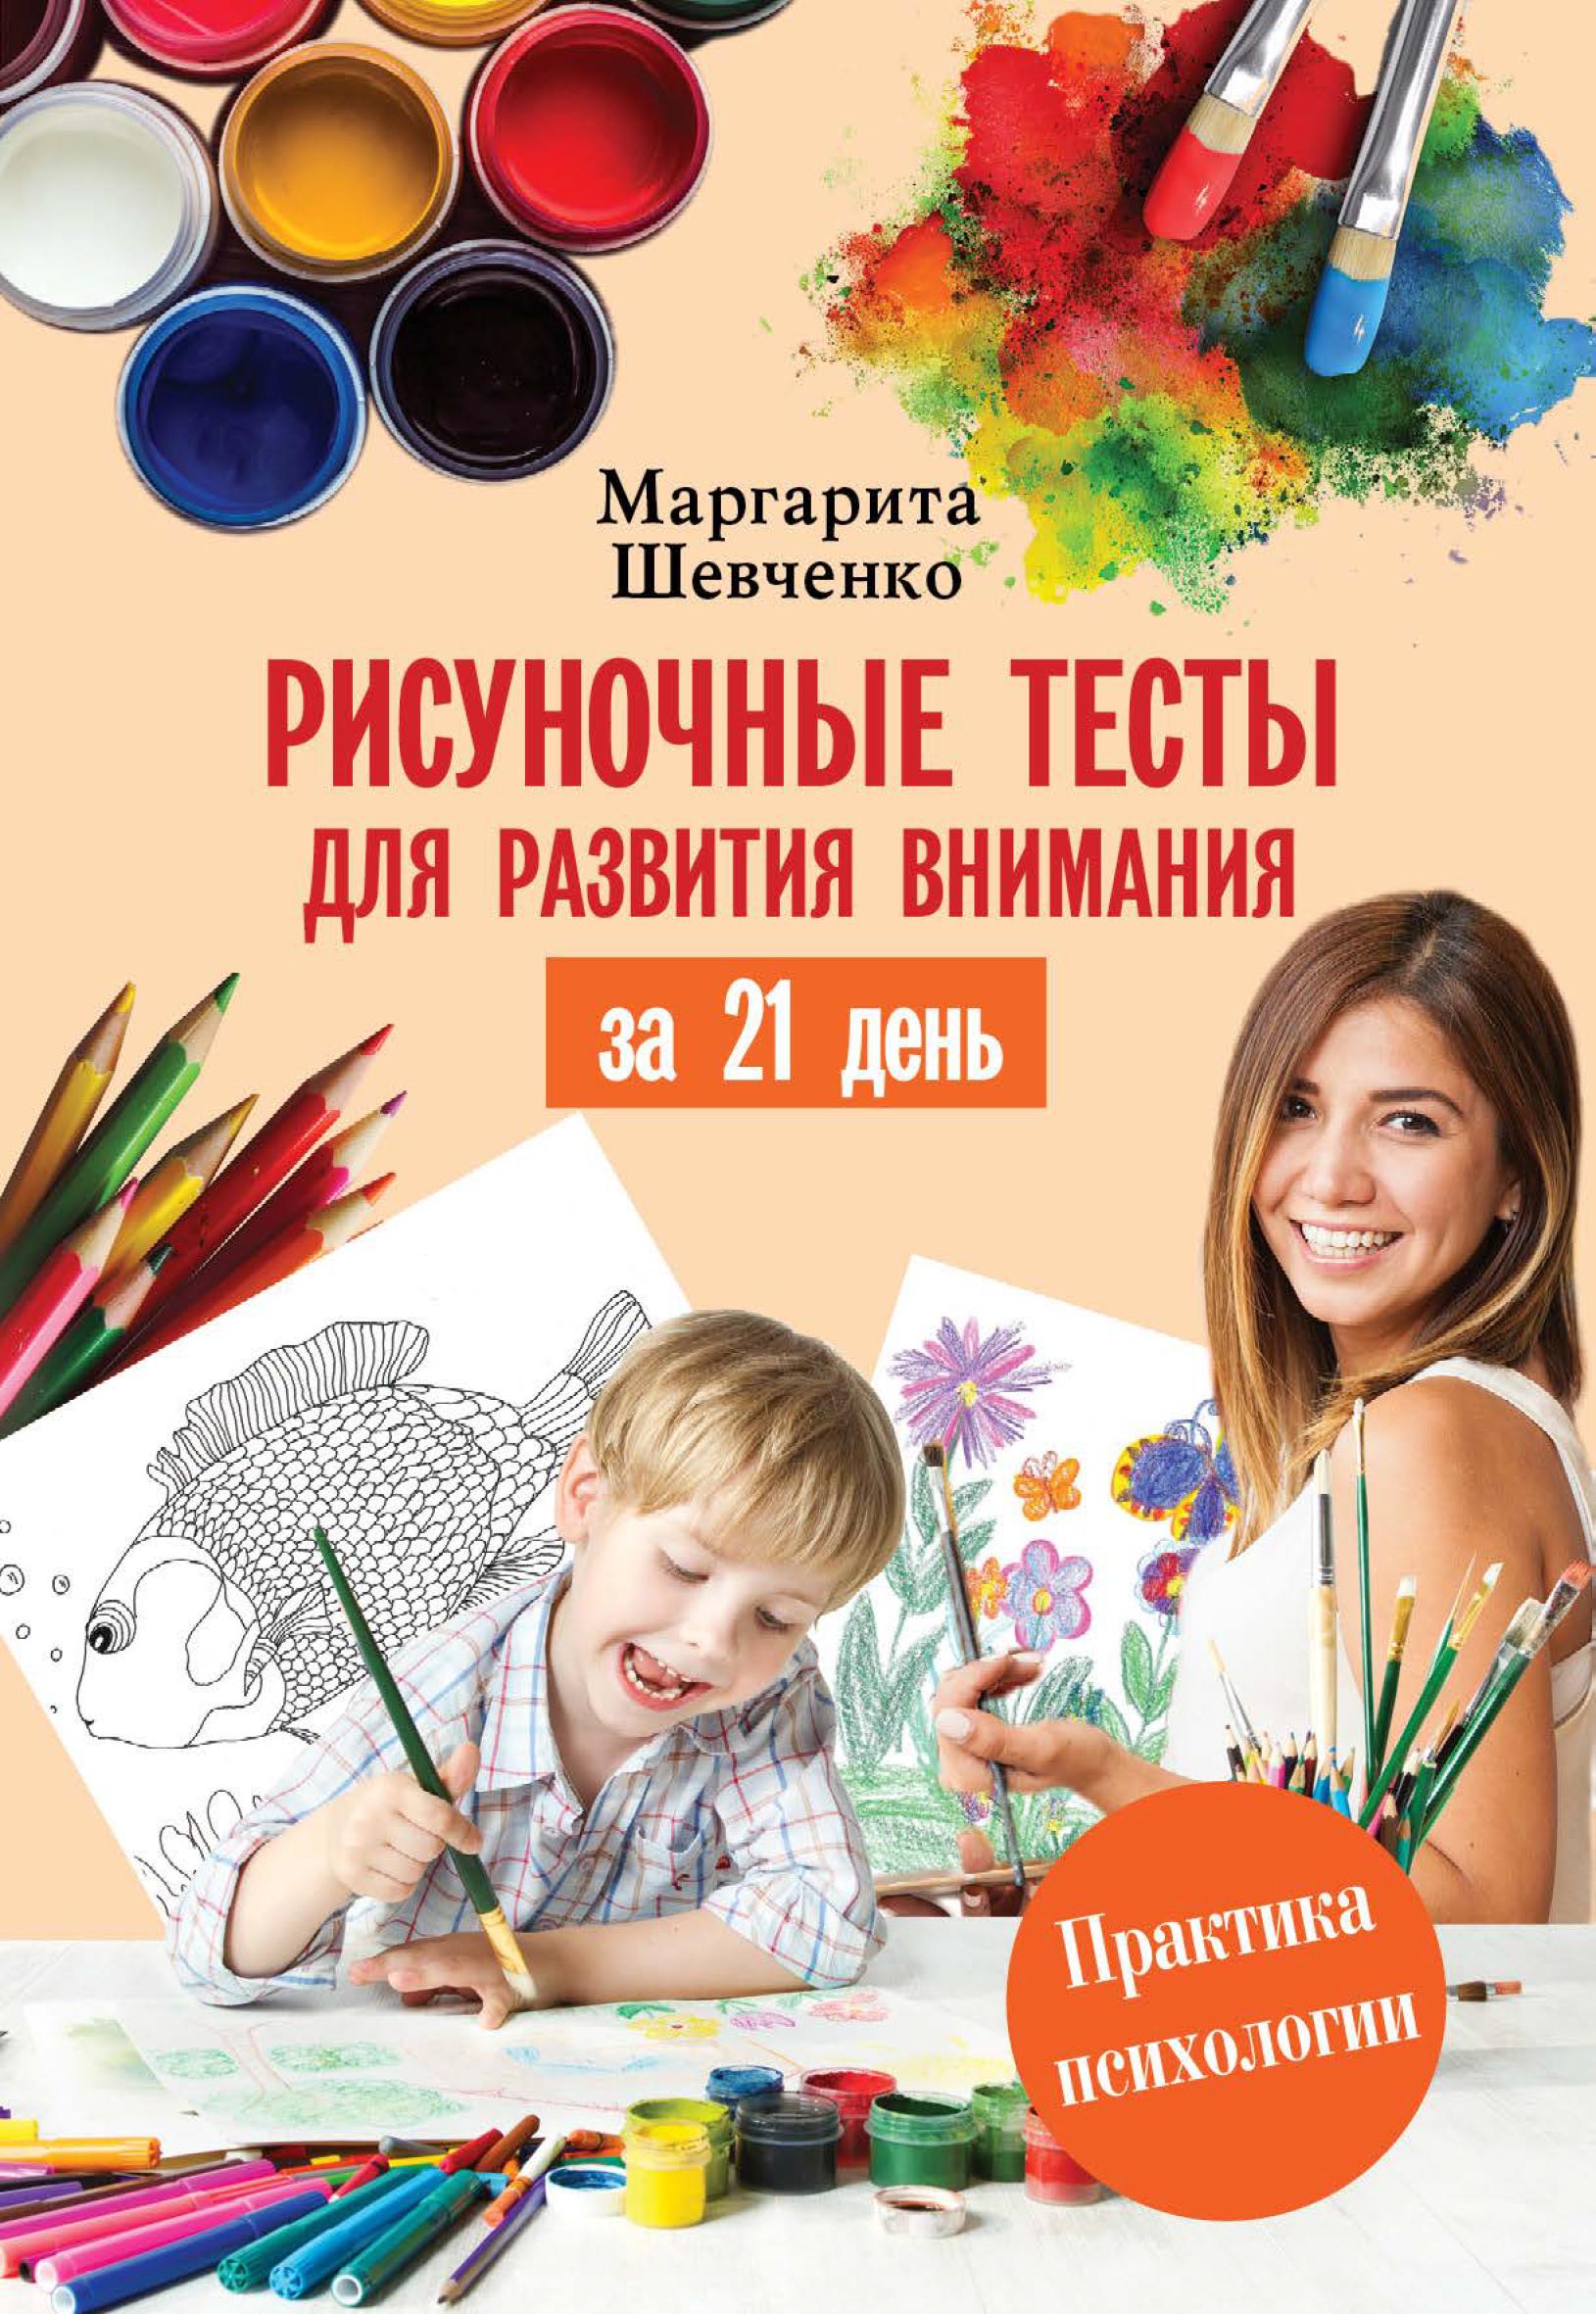 Маргарита Шевченко Рисуночные тесты для развития внимания за 21 день маргарита шевченко рисуночные тесты для развития внимания за 21 день